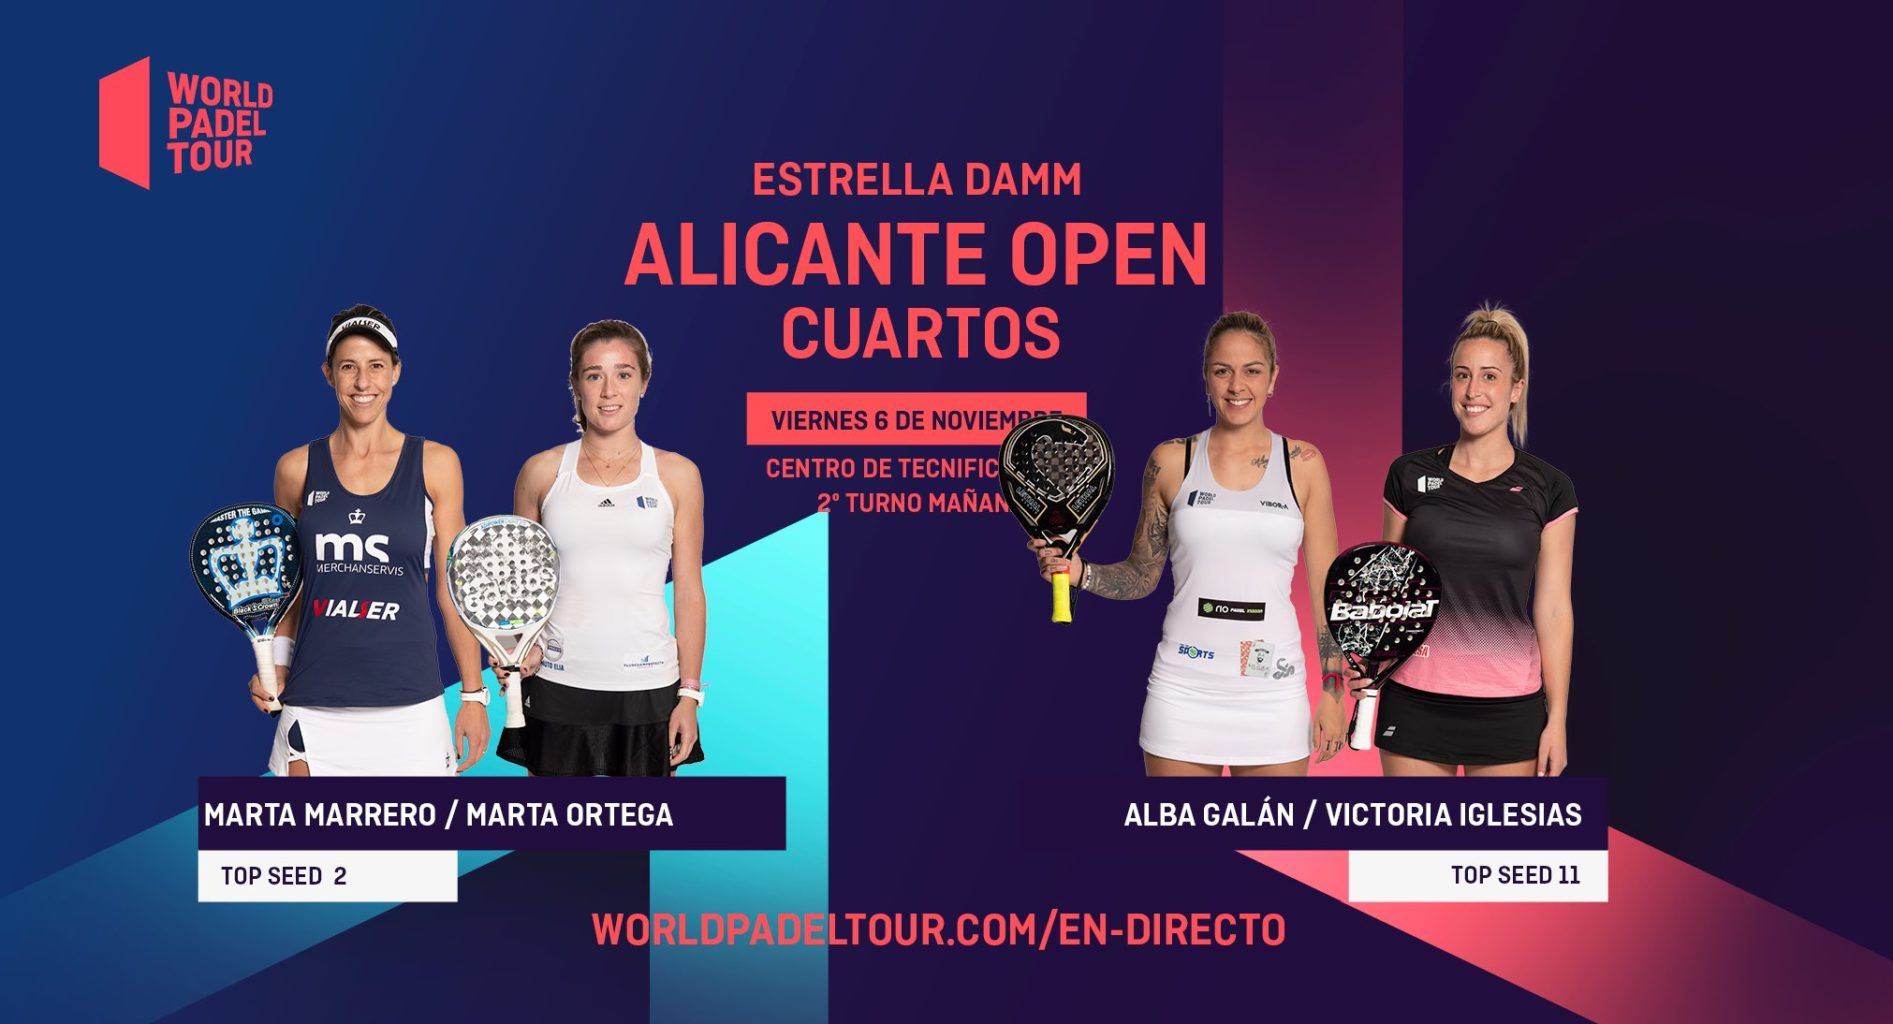 En directo los cuartos de final femeninos del Estrella Damm Alicante Open 2020